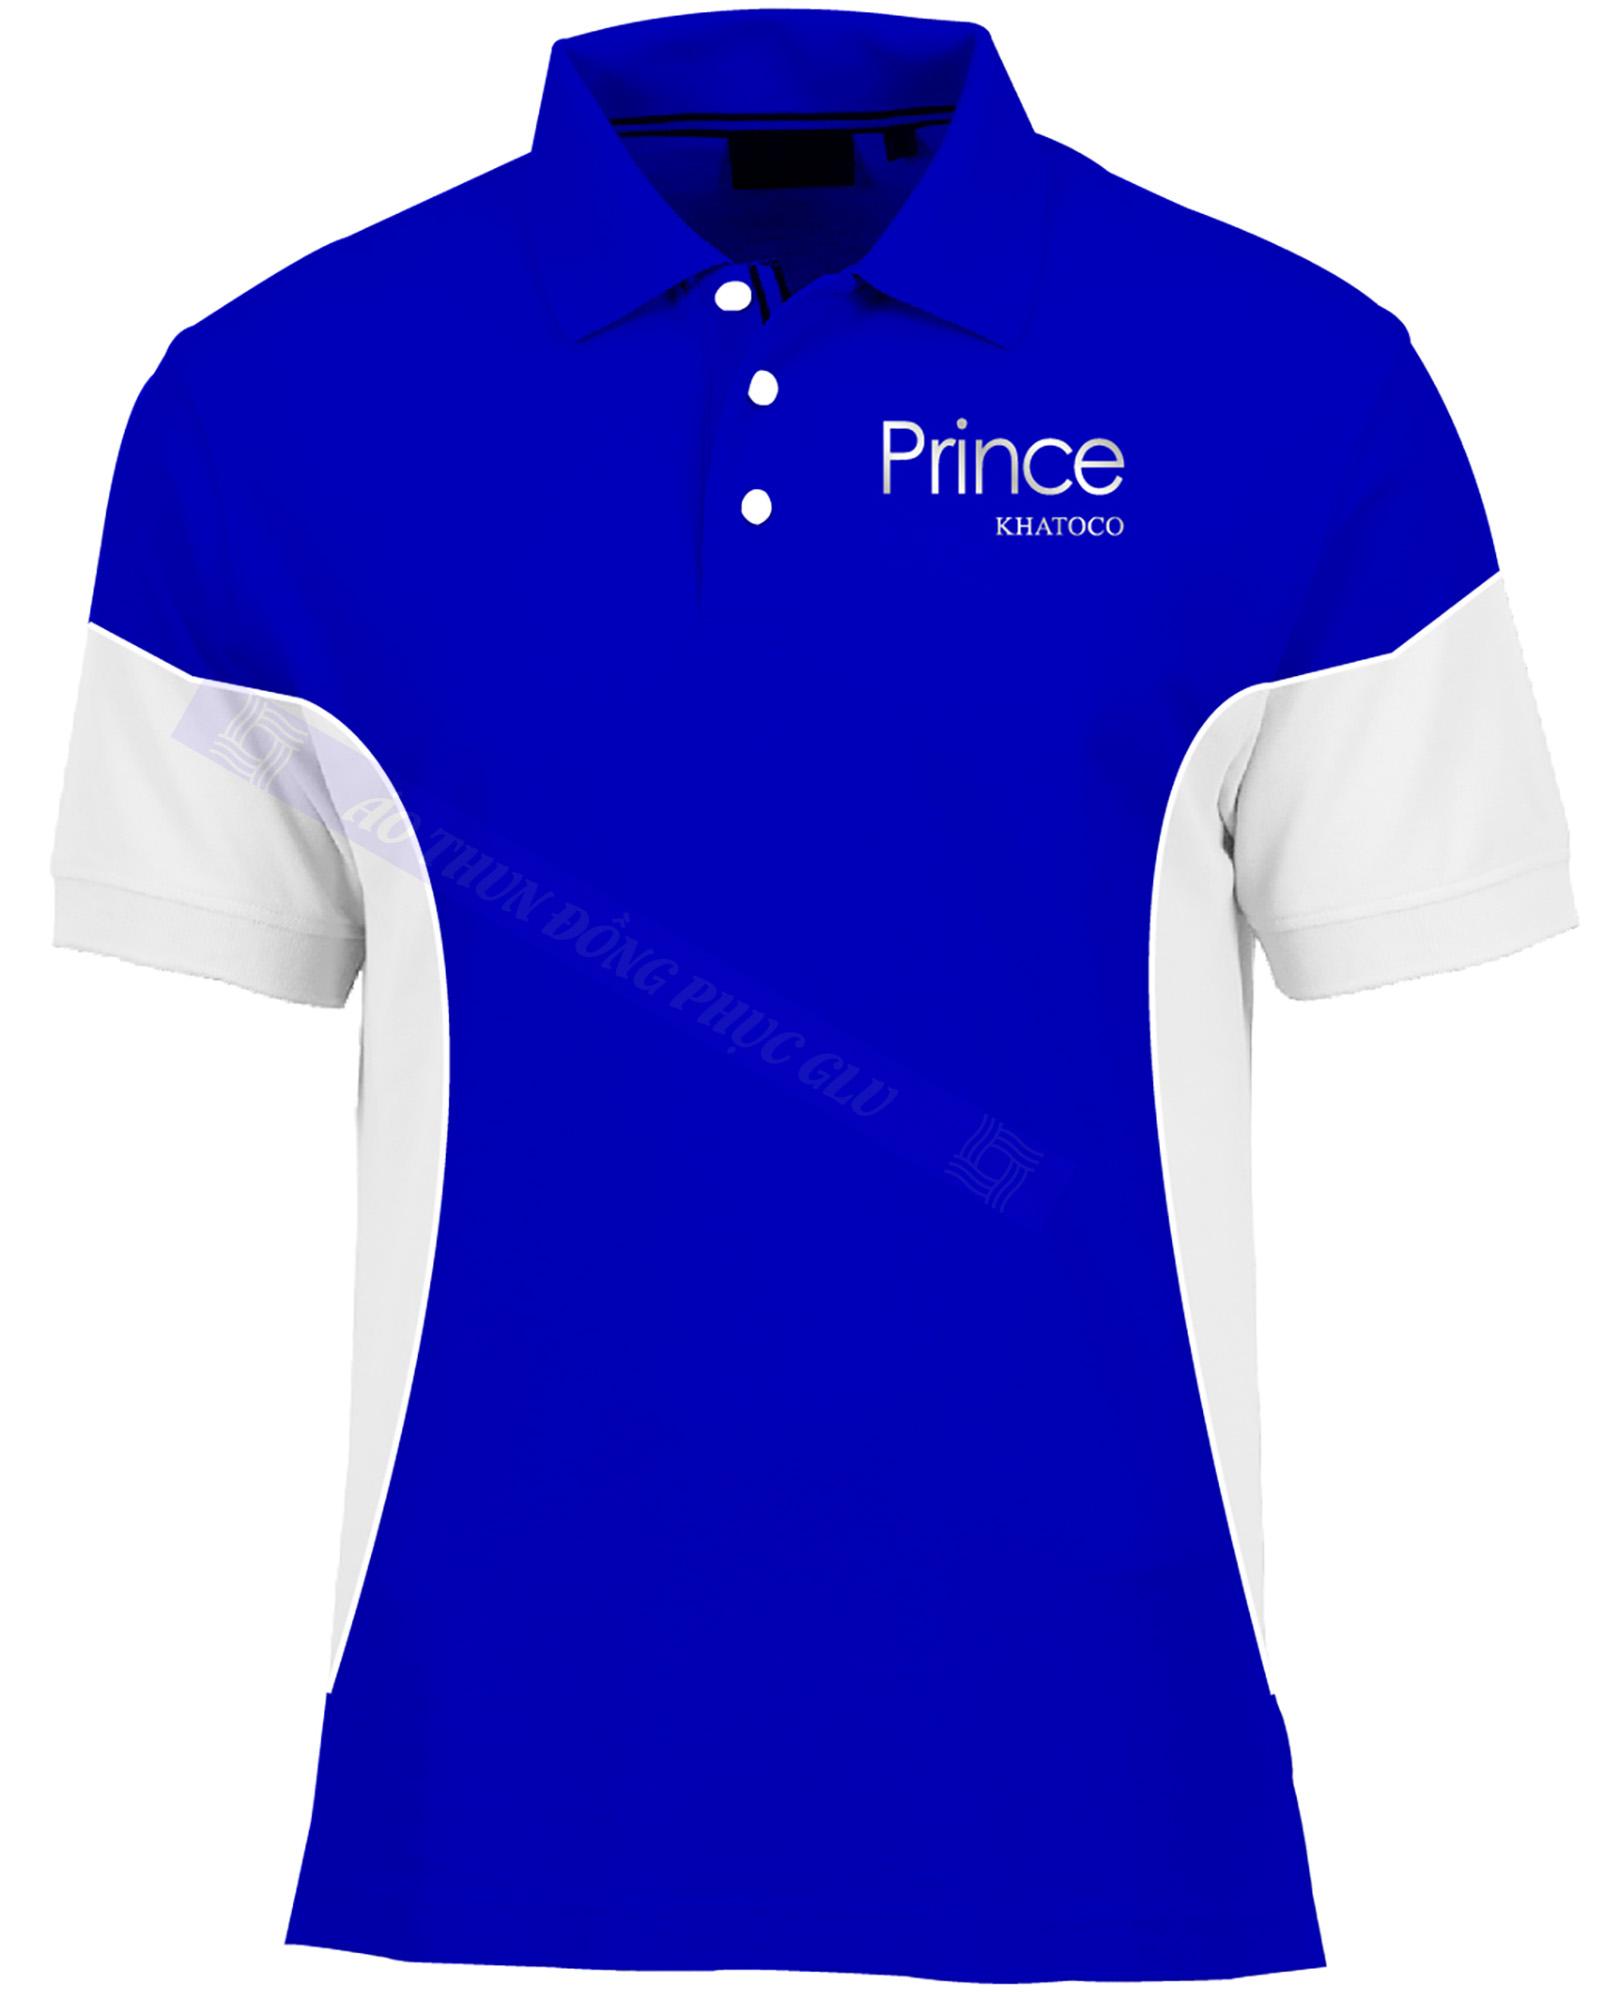 AO THUN PRINCE KHATOCO AT411 áo thun đồng phục có cổ